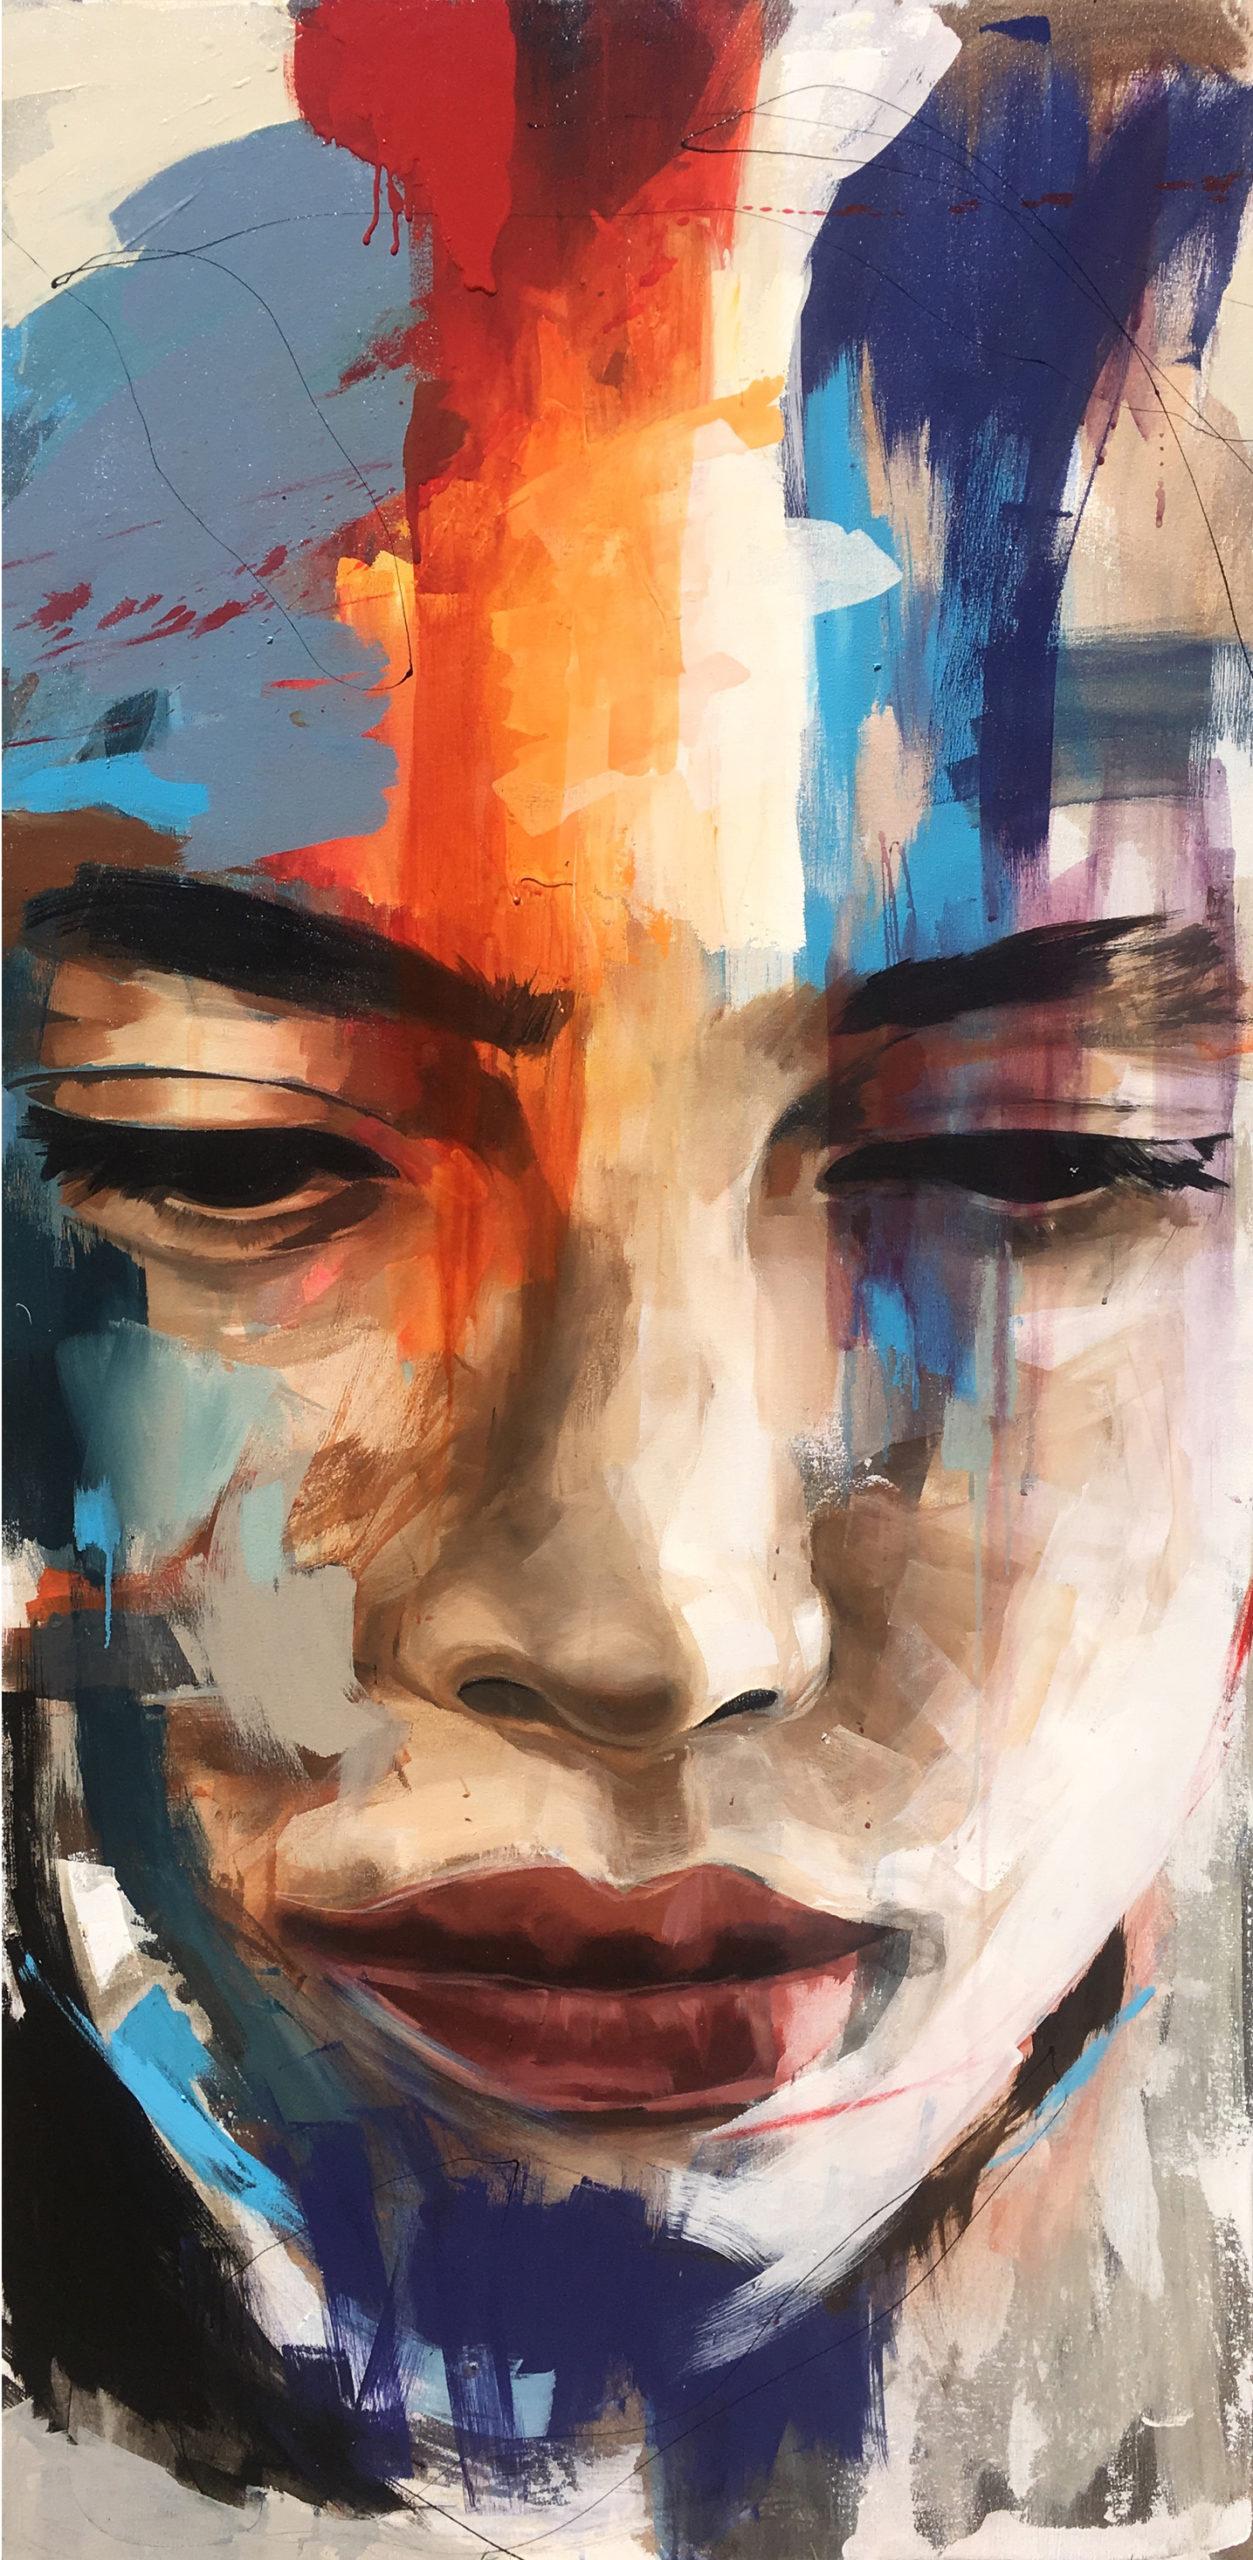 Vicky Sanders Portraits - Face #2